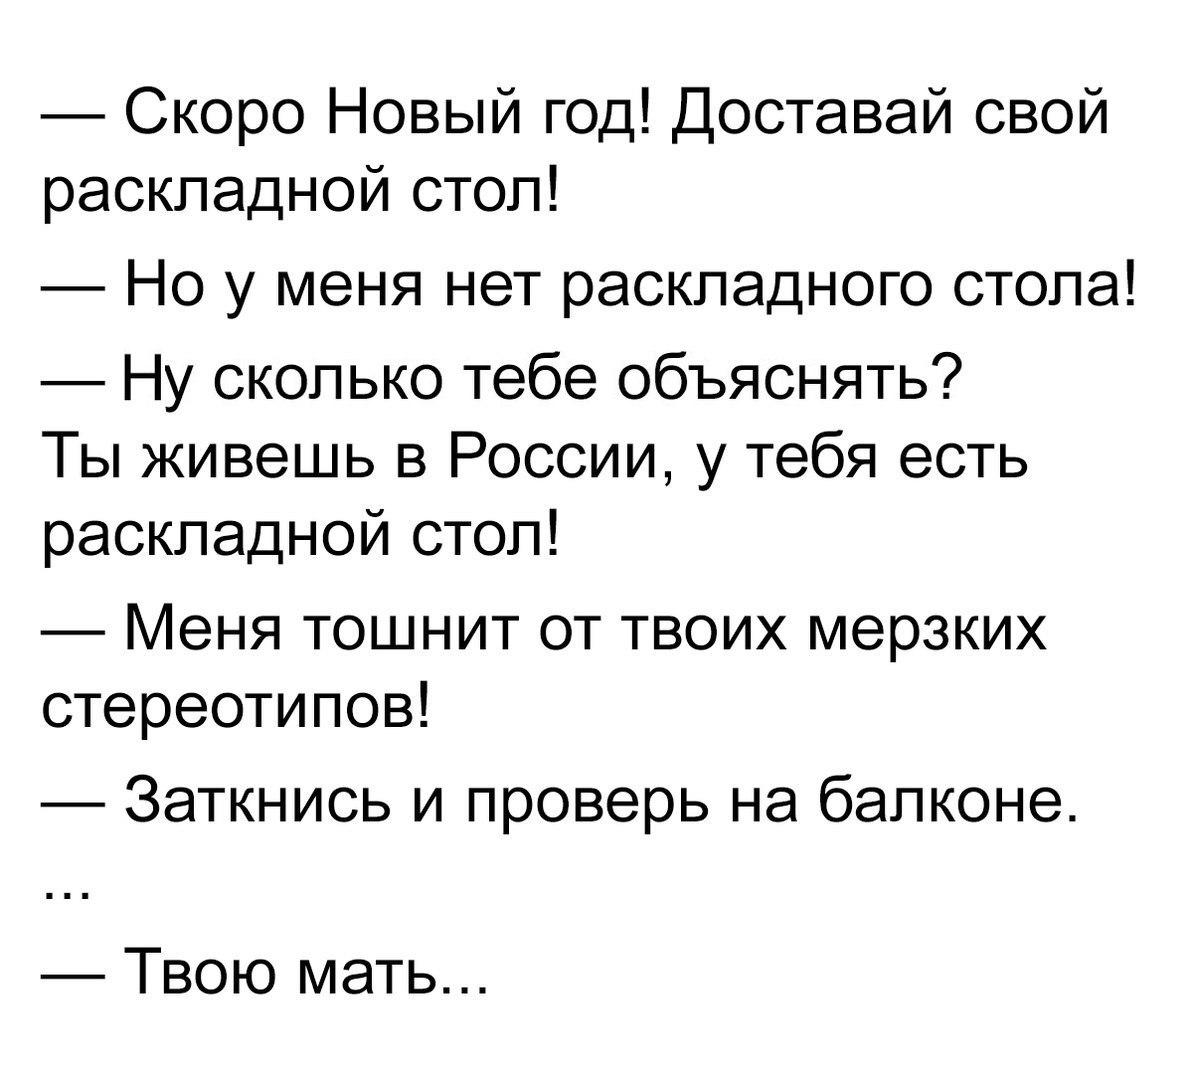 https://pp.userapi.com/c834300/v834300729/225f8/BrKPerZo2Cw.jpg